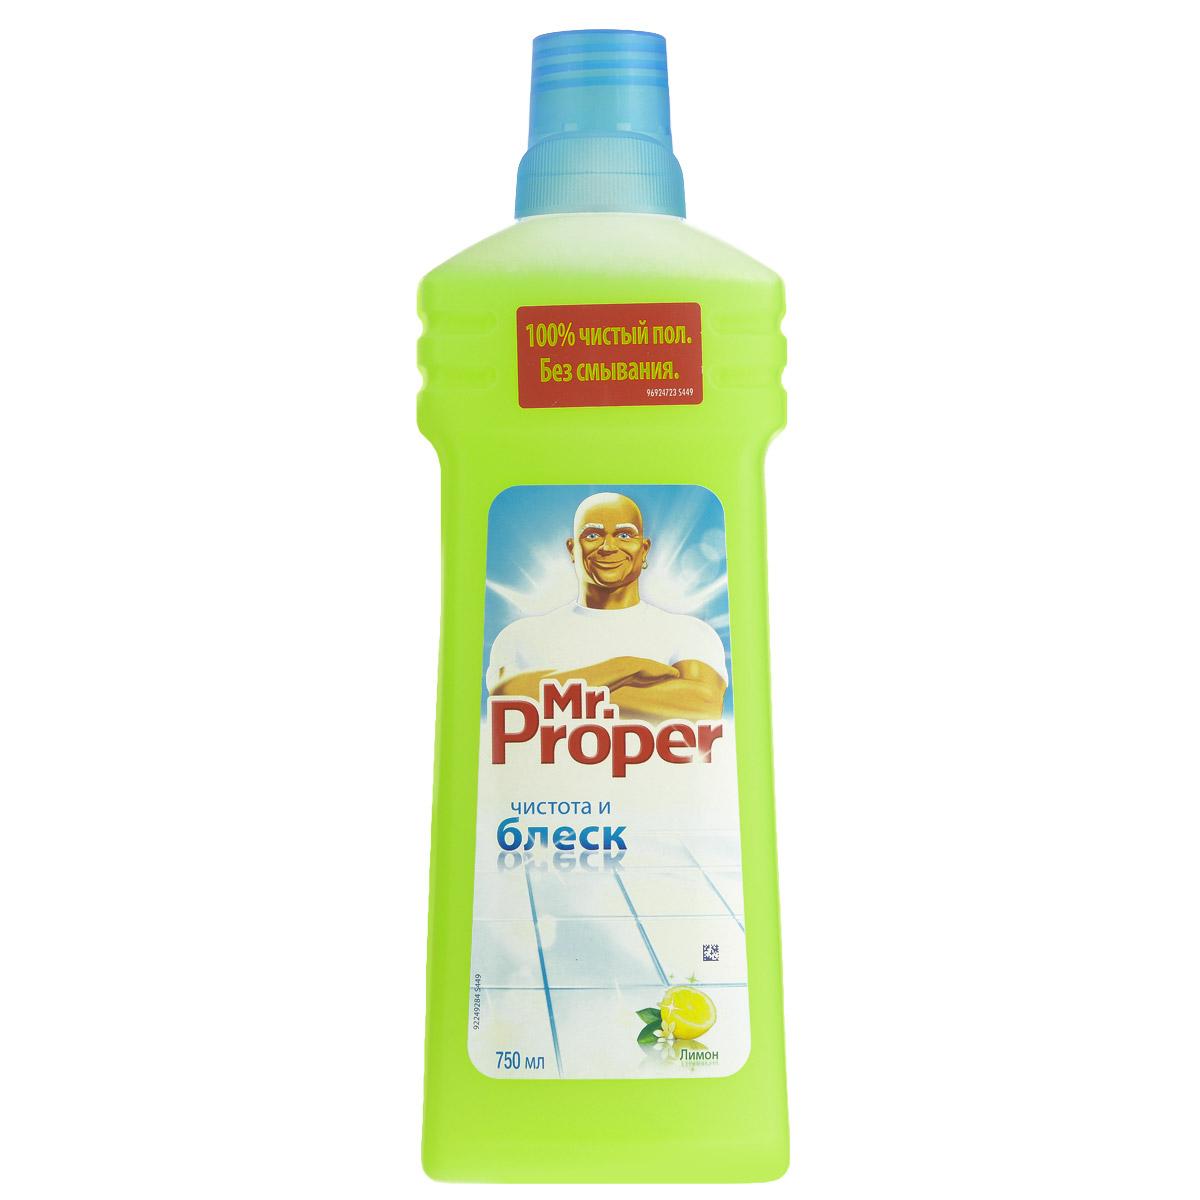 Моющая жидкость для уборки Mr. Proper Лимон, 750 мл6.295-875.0Моющая жидкость для уборки Mr. Proper Лимон отмывает полы и стены быстро и легко. Его безвредная рН формула подходит для различных поверхностей, включая лакированный паркет и ламинат. Раствор (60 мл на 5 л воды) не нужно смывать. Состав: Товар сертифицирован.Уважаемые клиенты!Обращаем ваше внимание на возможные изменения в дизайне упаковки. Качественные характеристики товара остаются неизменными. Поставка осуществляется в зависимости от наличия на складе.